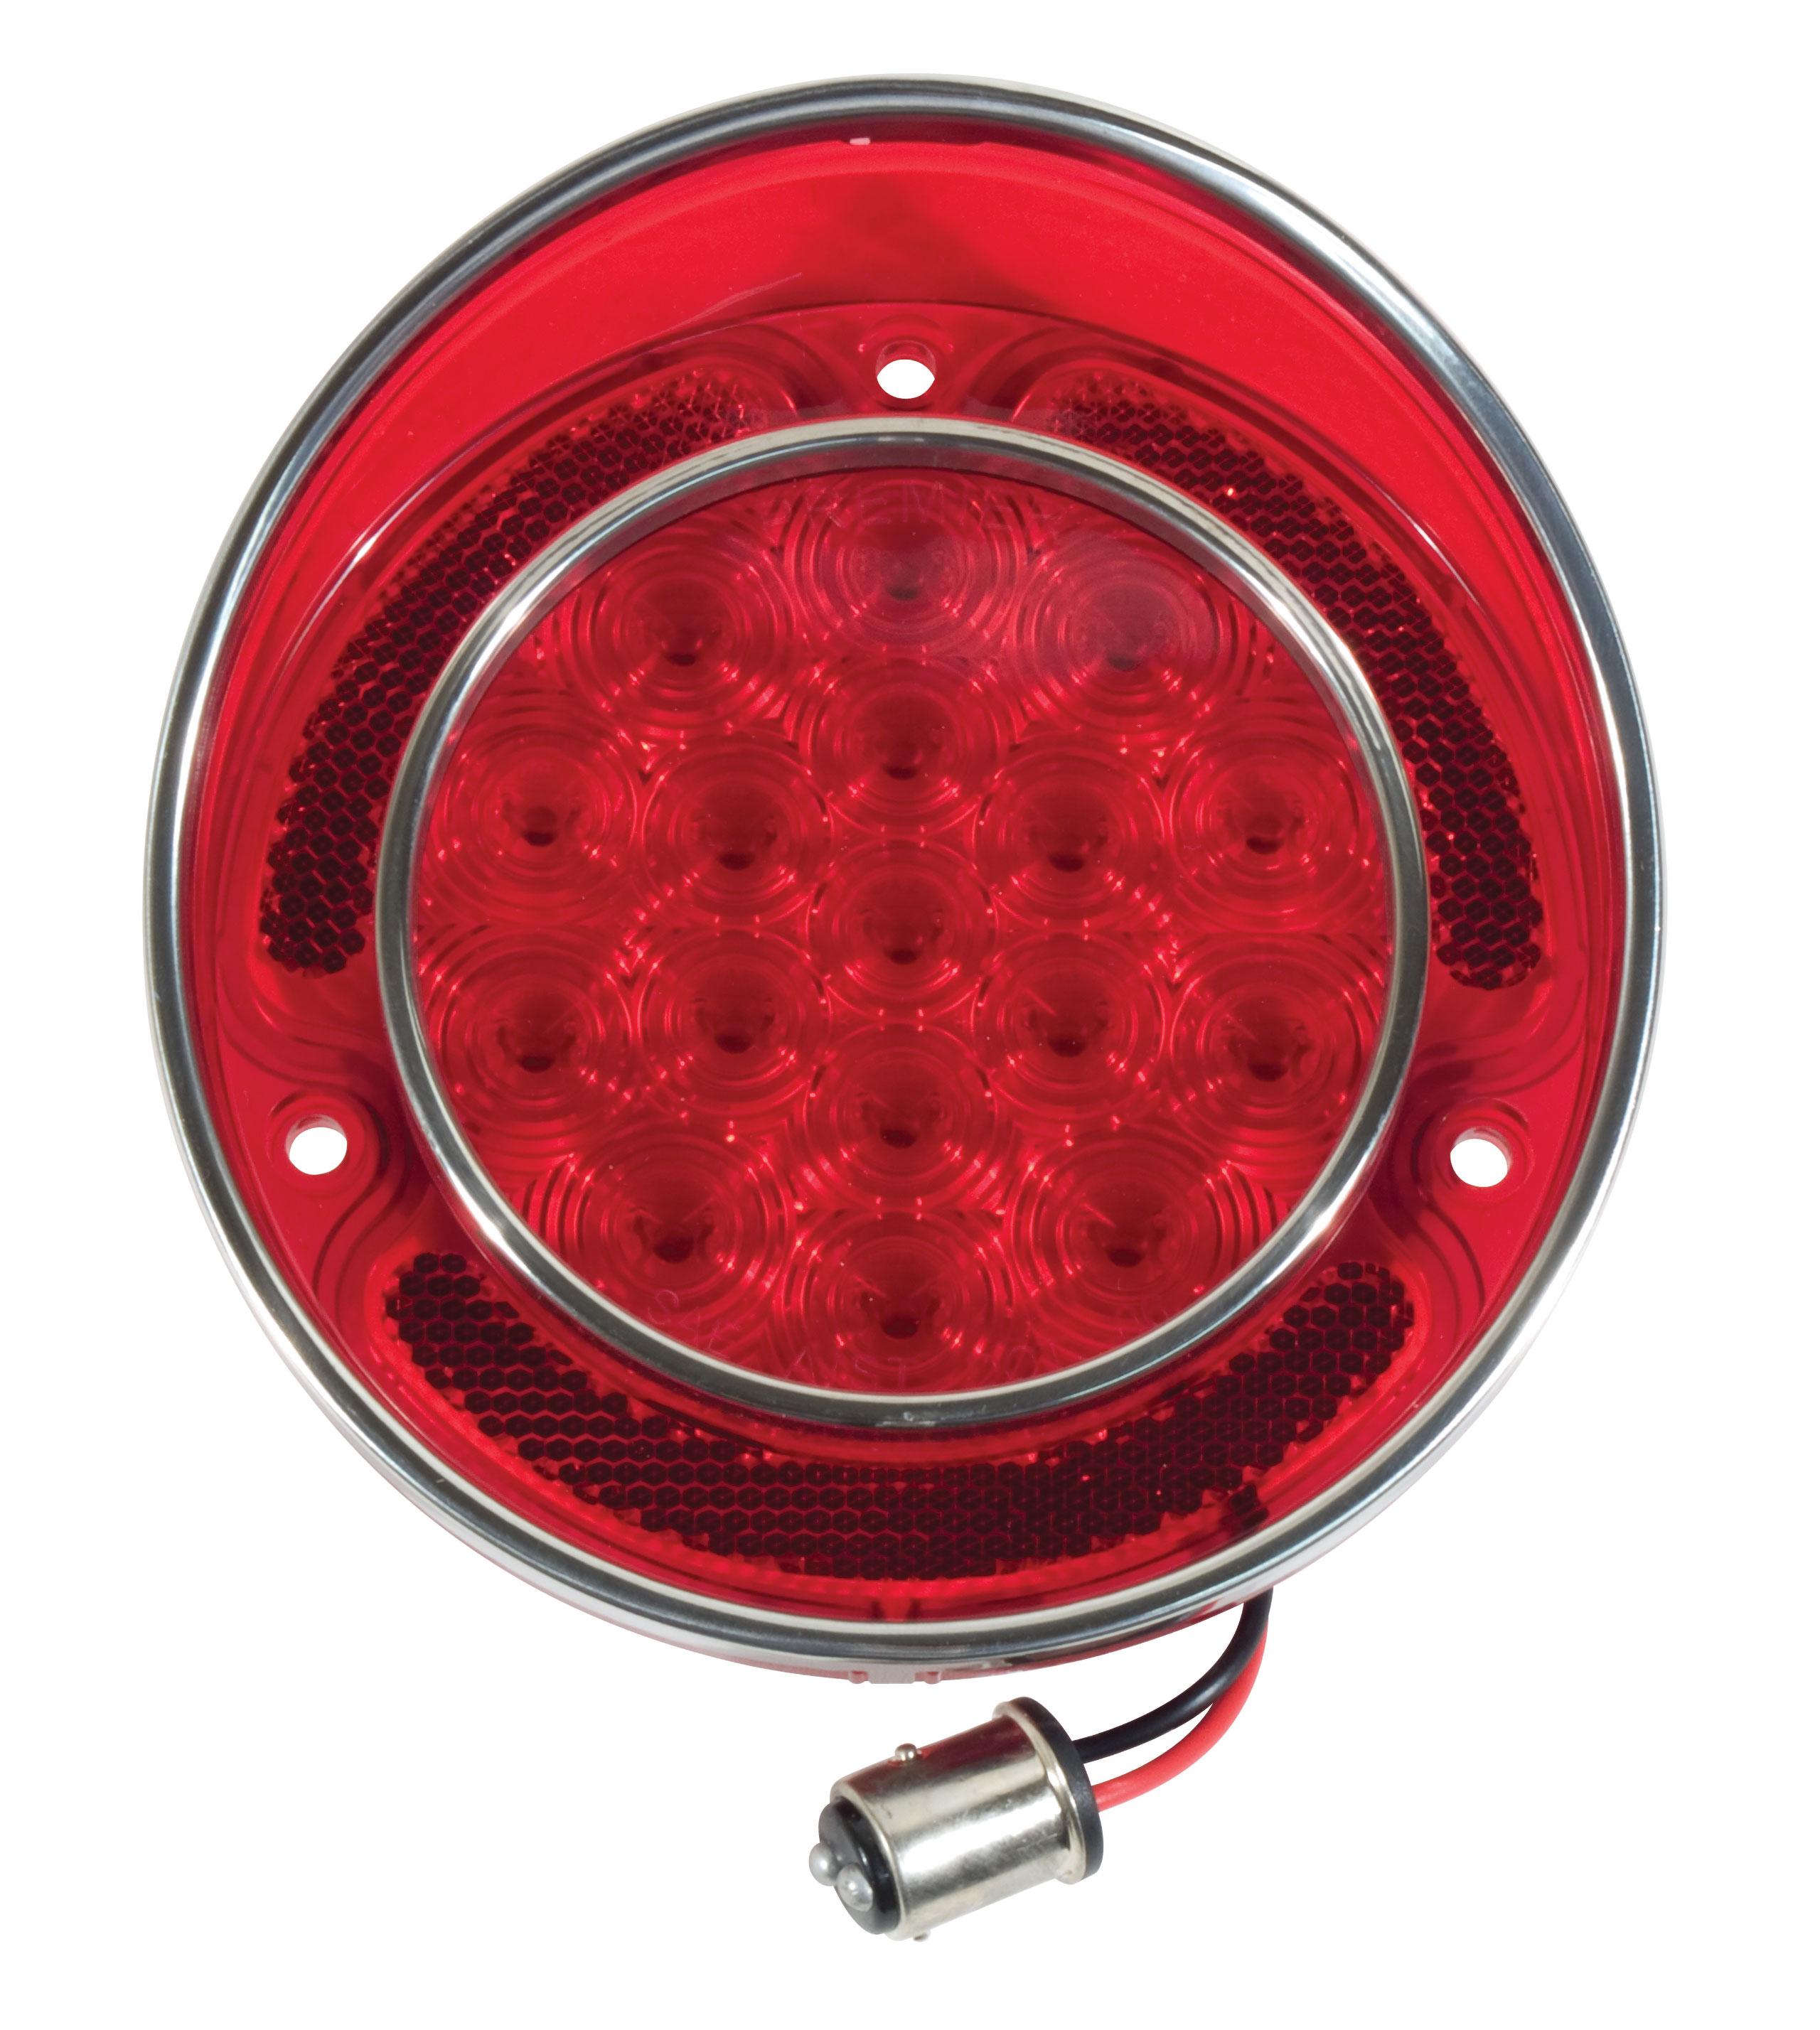 Corvette America 1968-1973 Chevrolet Corvette LED Tail Light W/SS Rim - Red